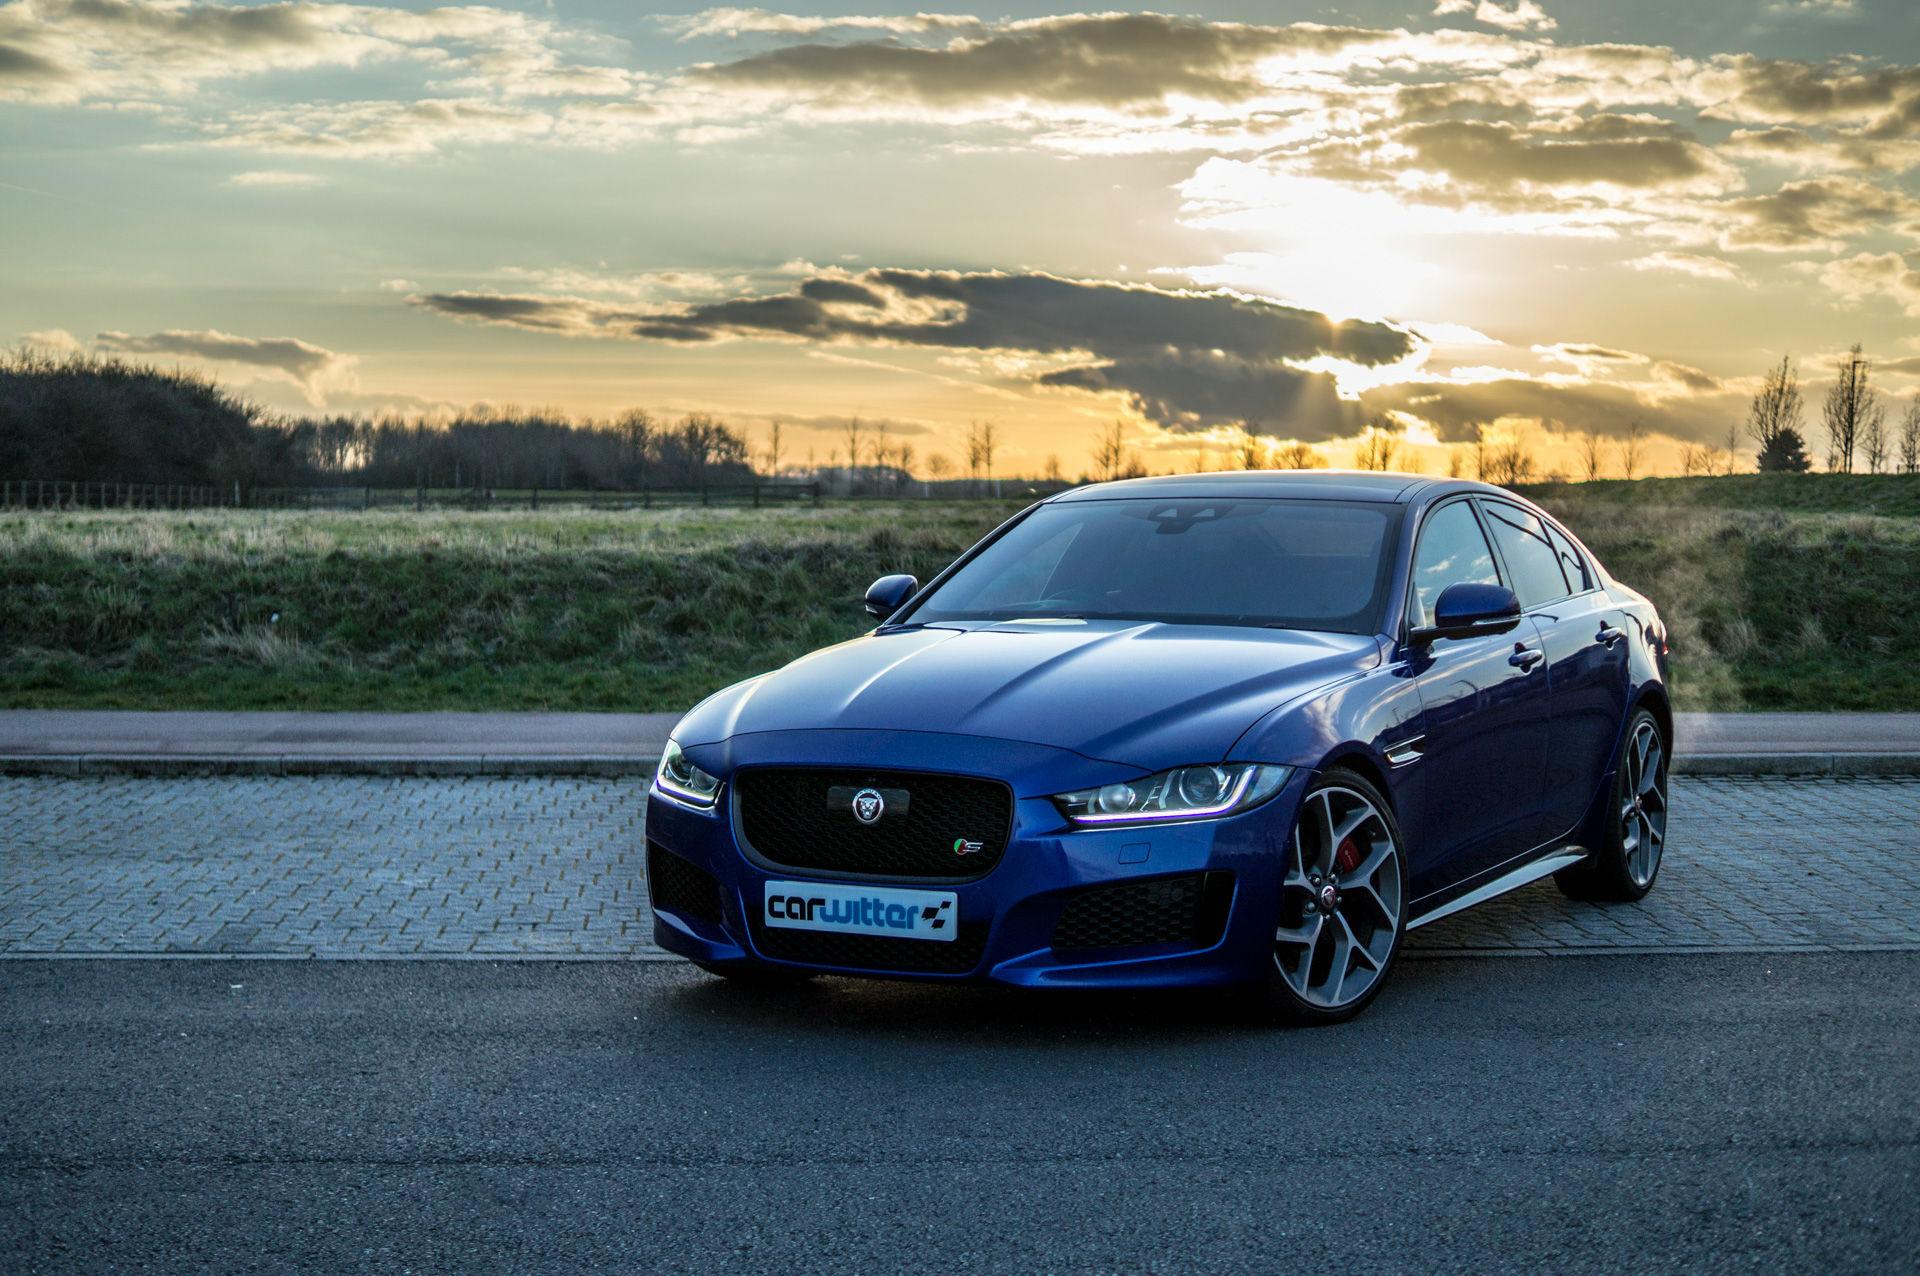 2018 Jaguar XE S Review - carwitter